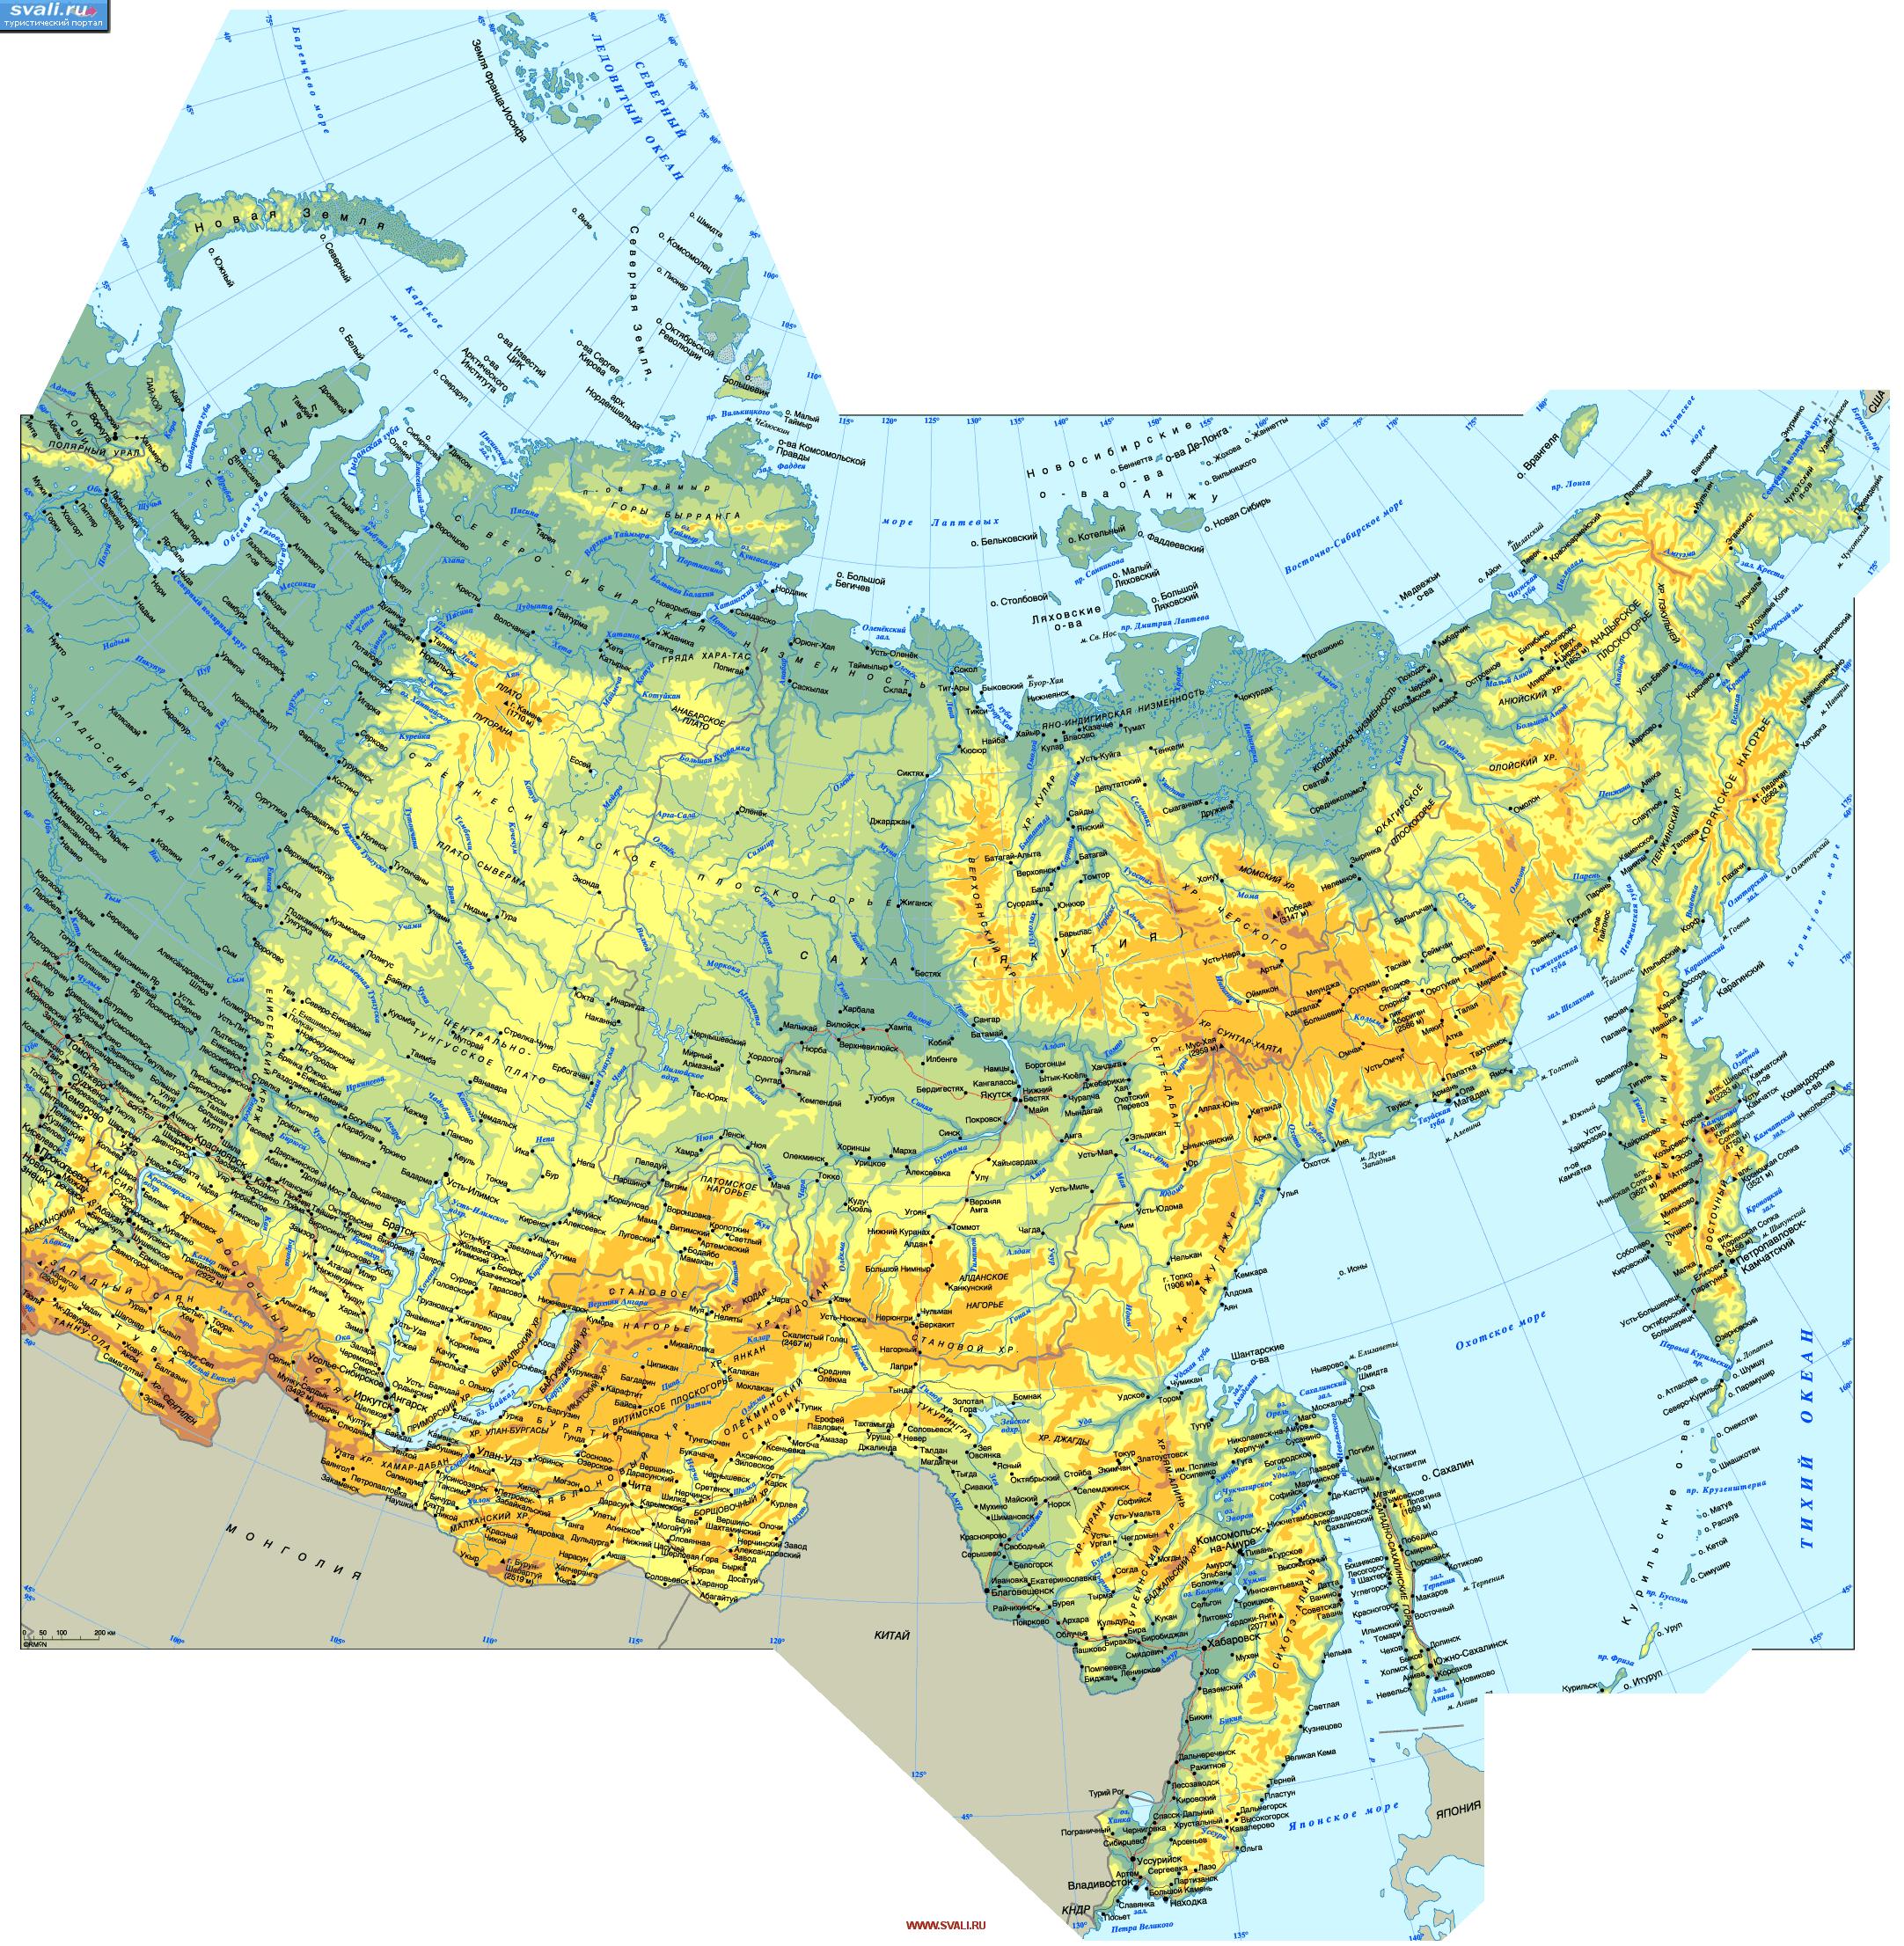 Для увеличения подробной карты России (восточная часть)нажмите на изображение.